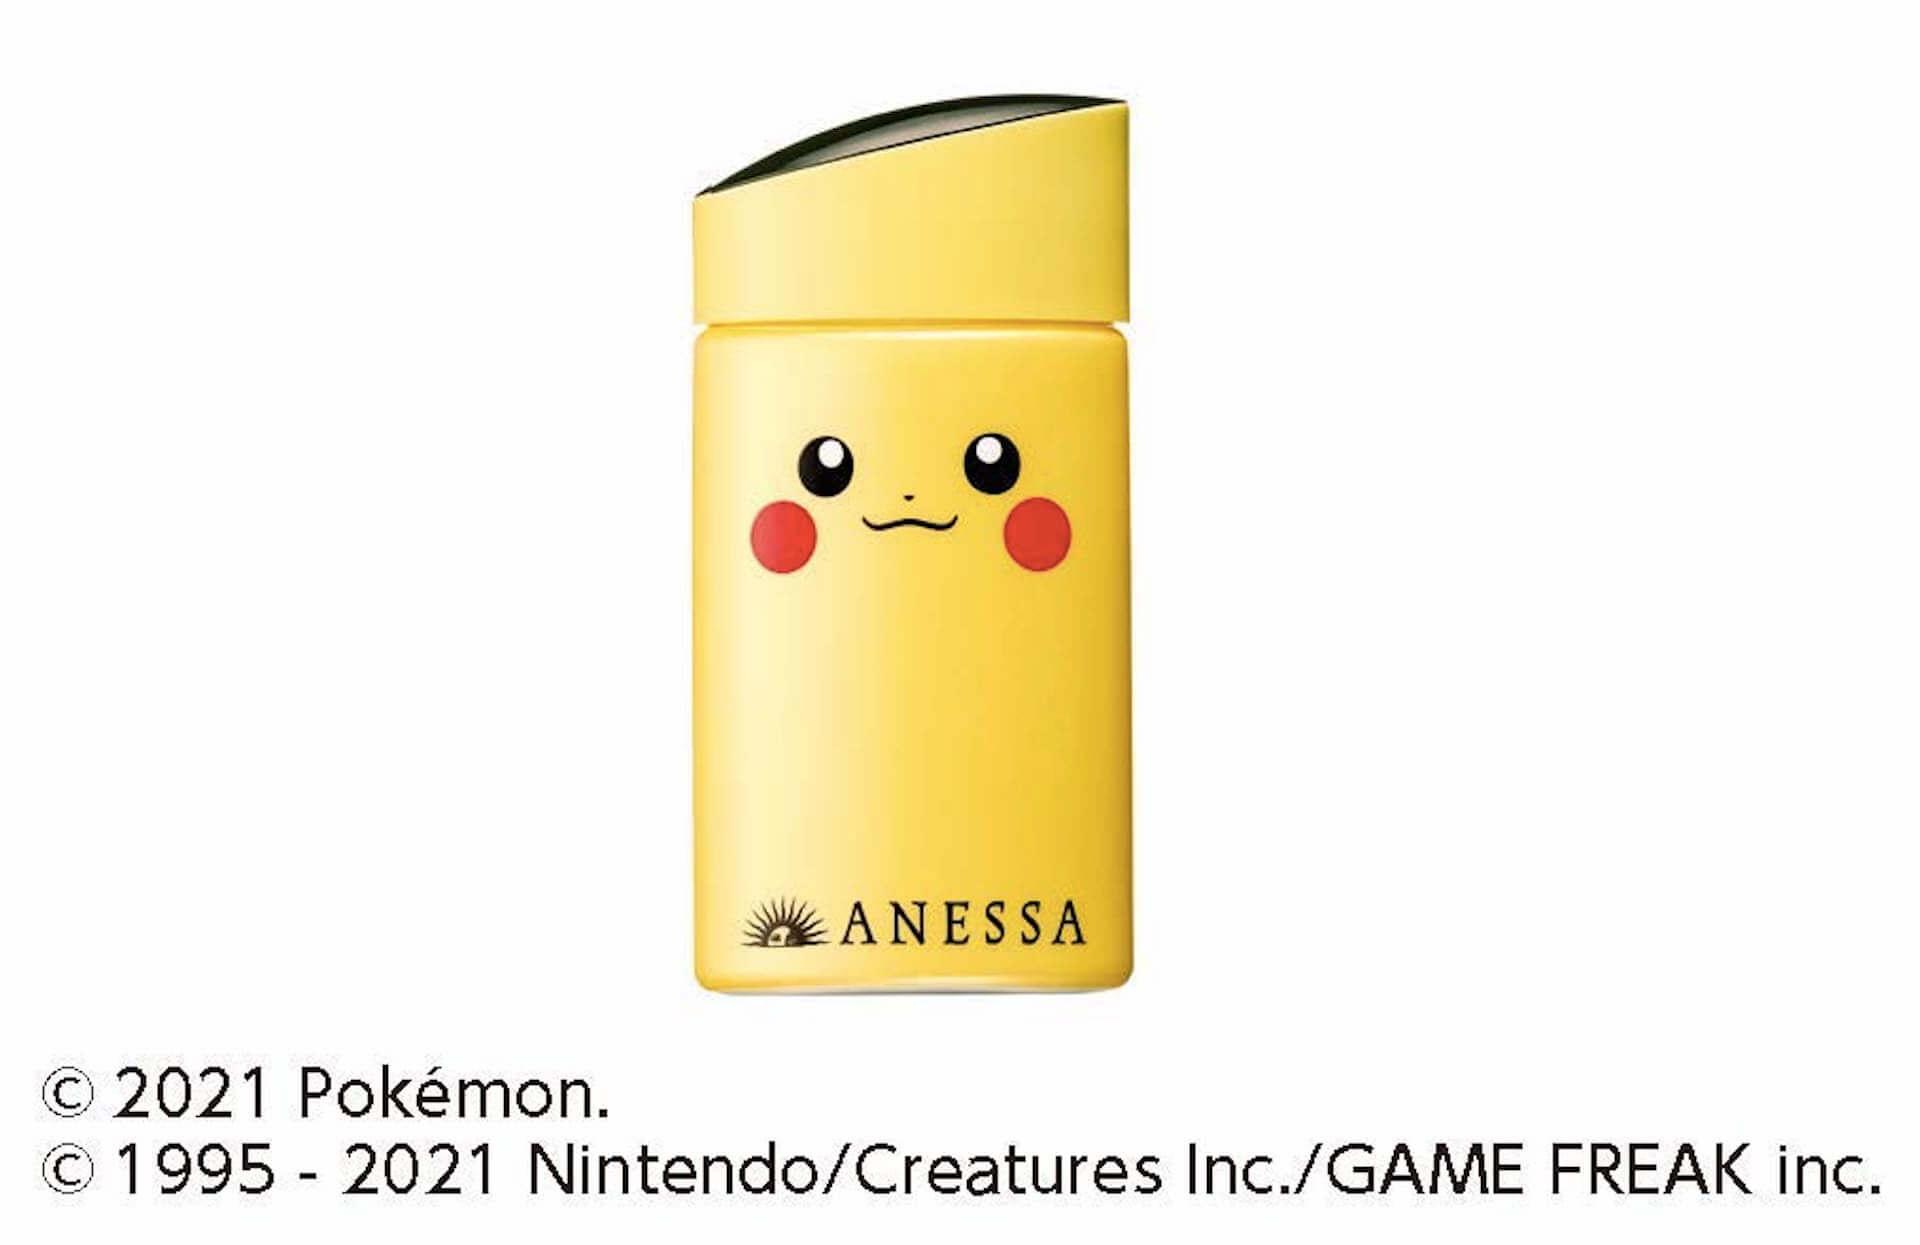 アネッサとポケモンのコラボが実現!ピカチュウ、イーブイ、ゼニガメの日焼け止めが数量限定で発売決定 life210226_pokemon_anessa_4